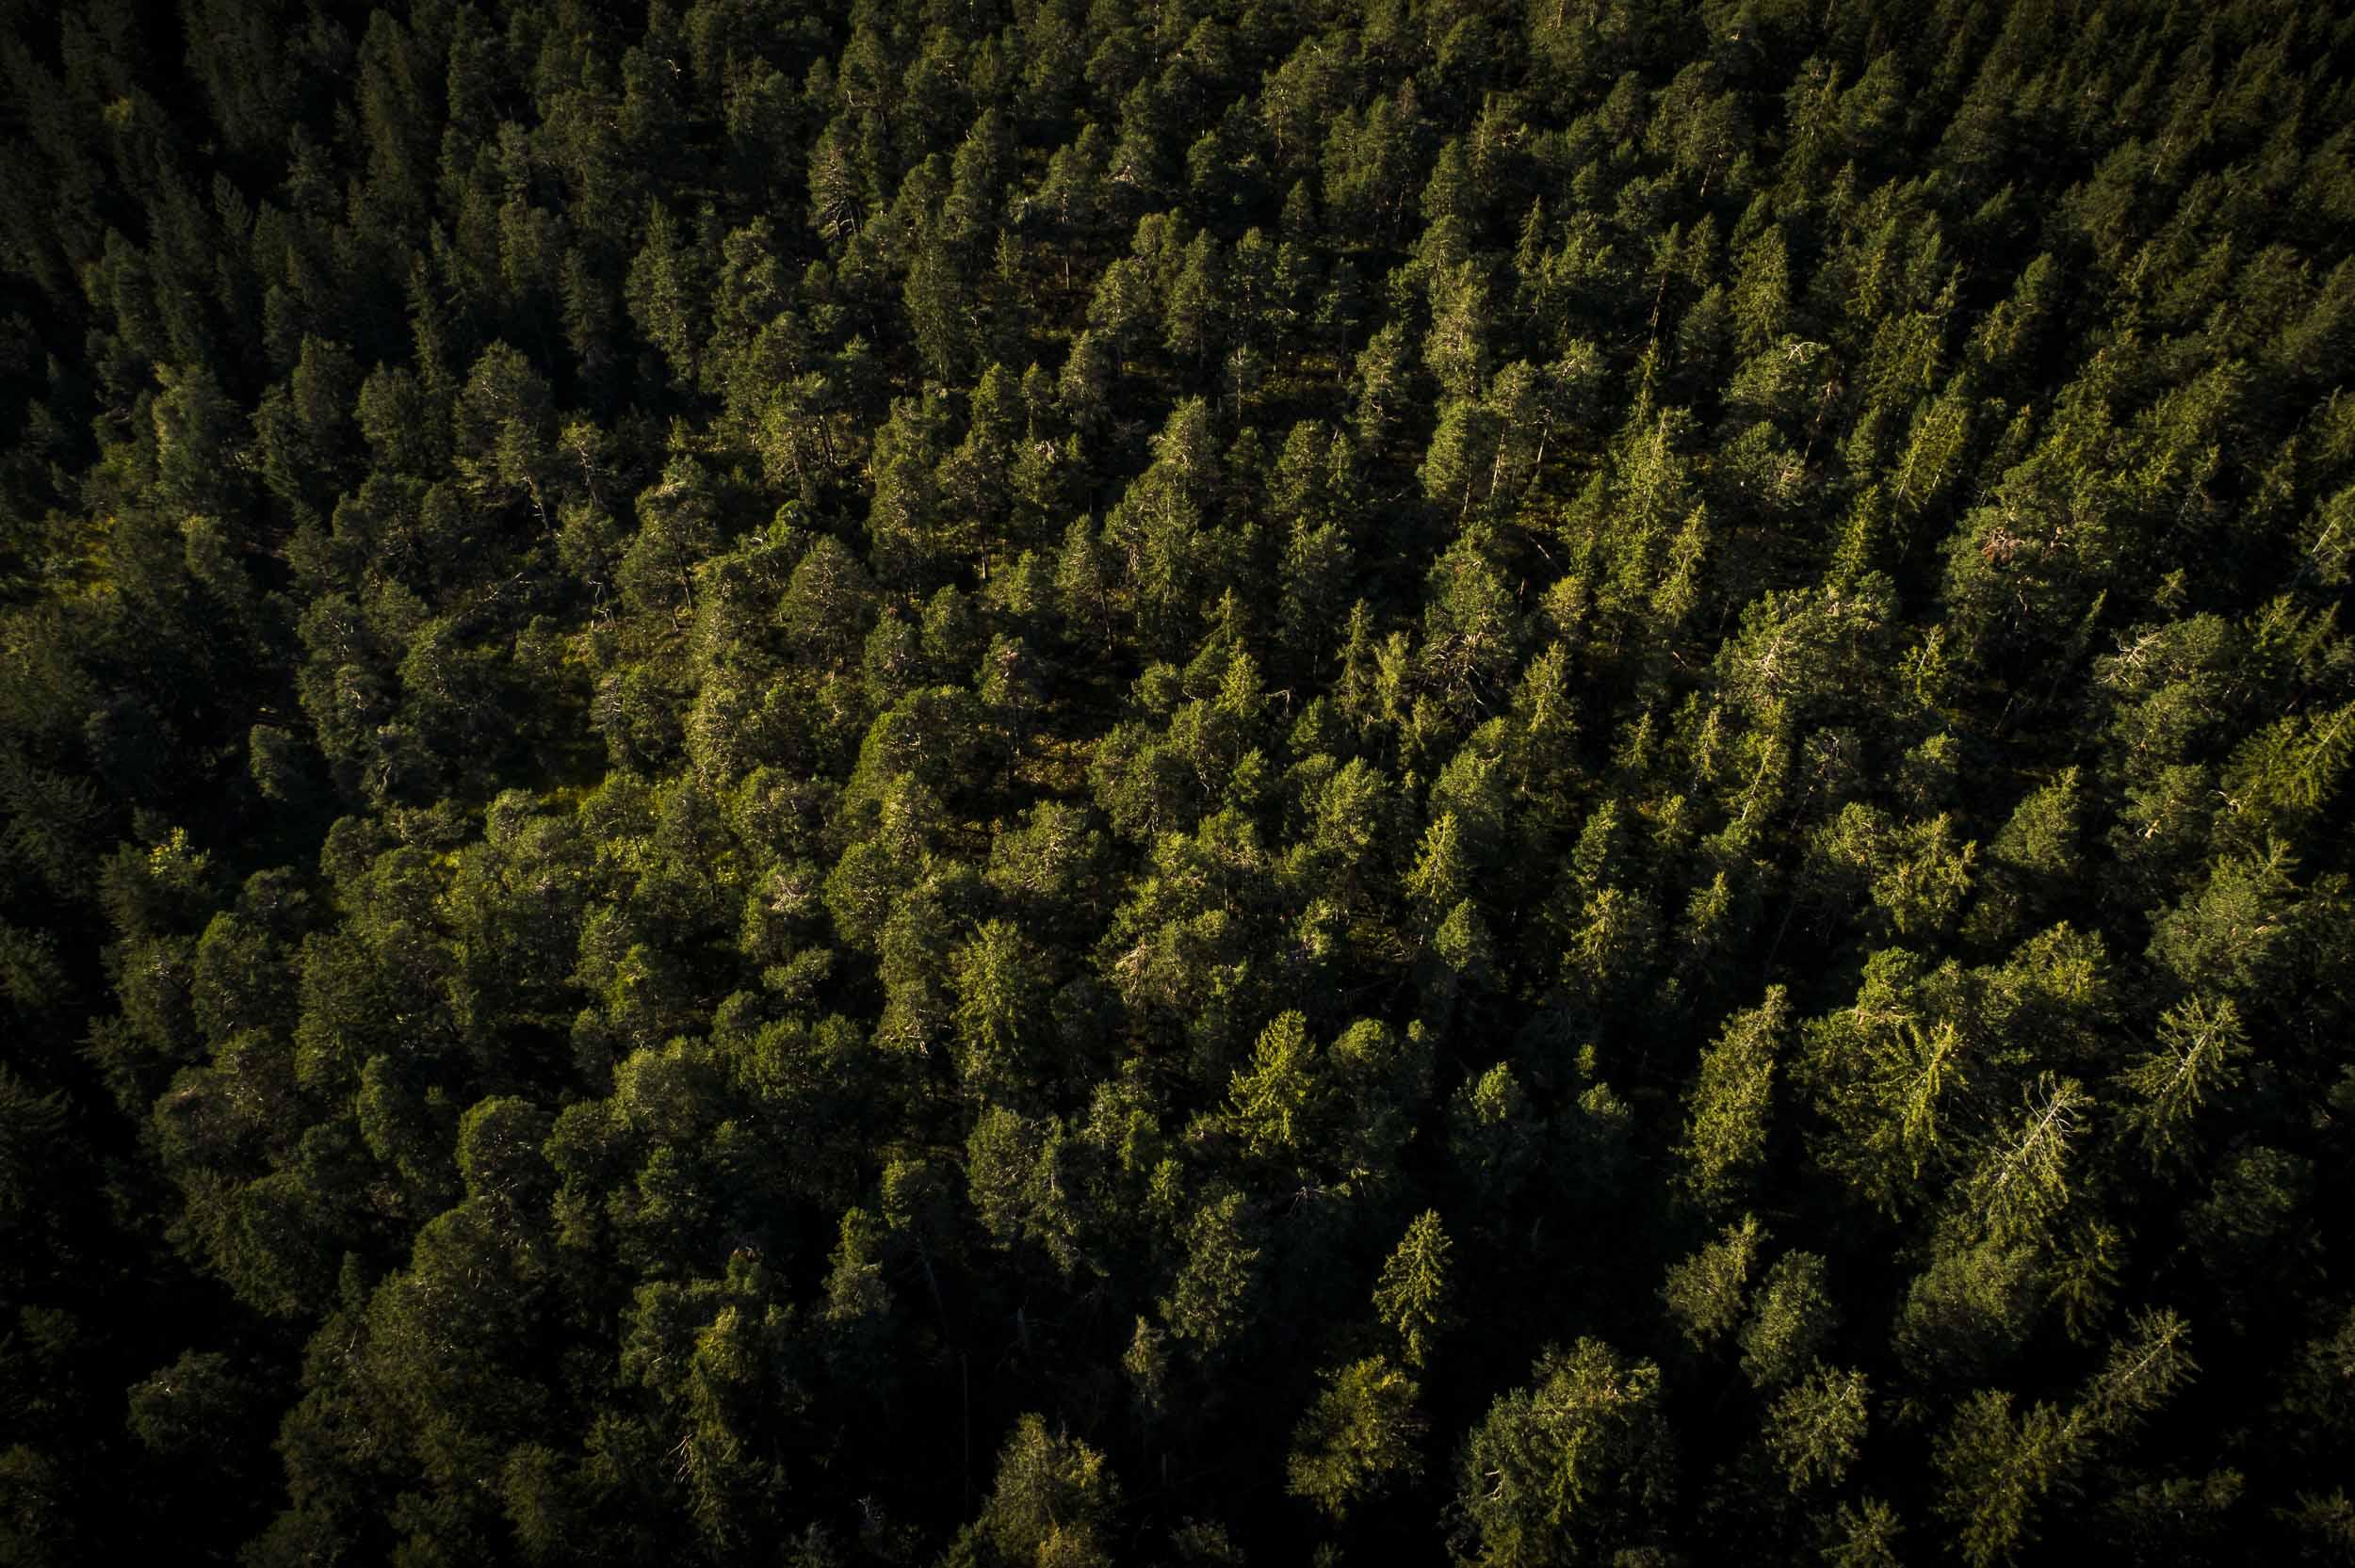 Waldabschnitt aus der Vogelperspektive.